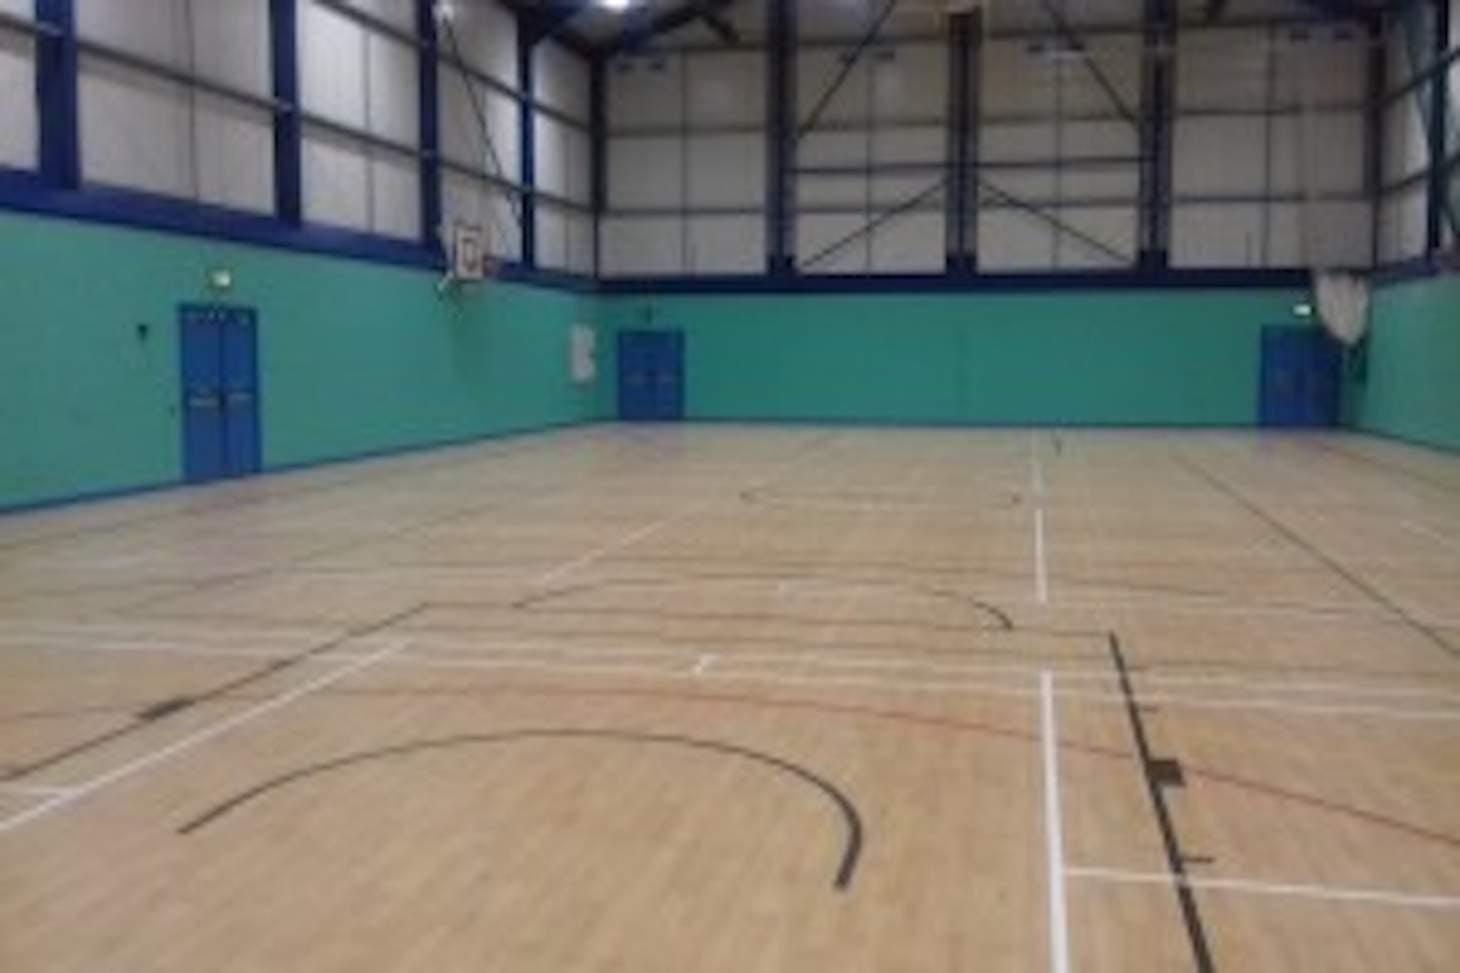 Manchester Enterprise Academy Wythenshawe Indoor basketball court